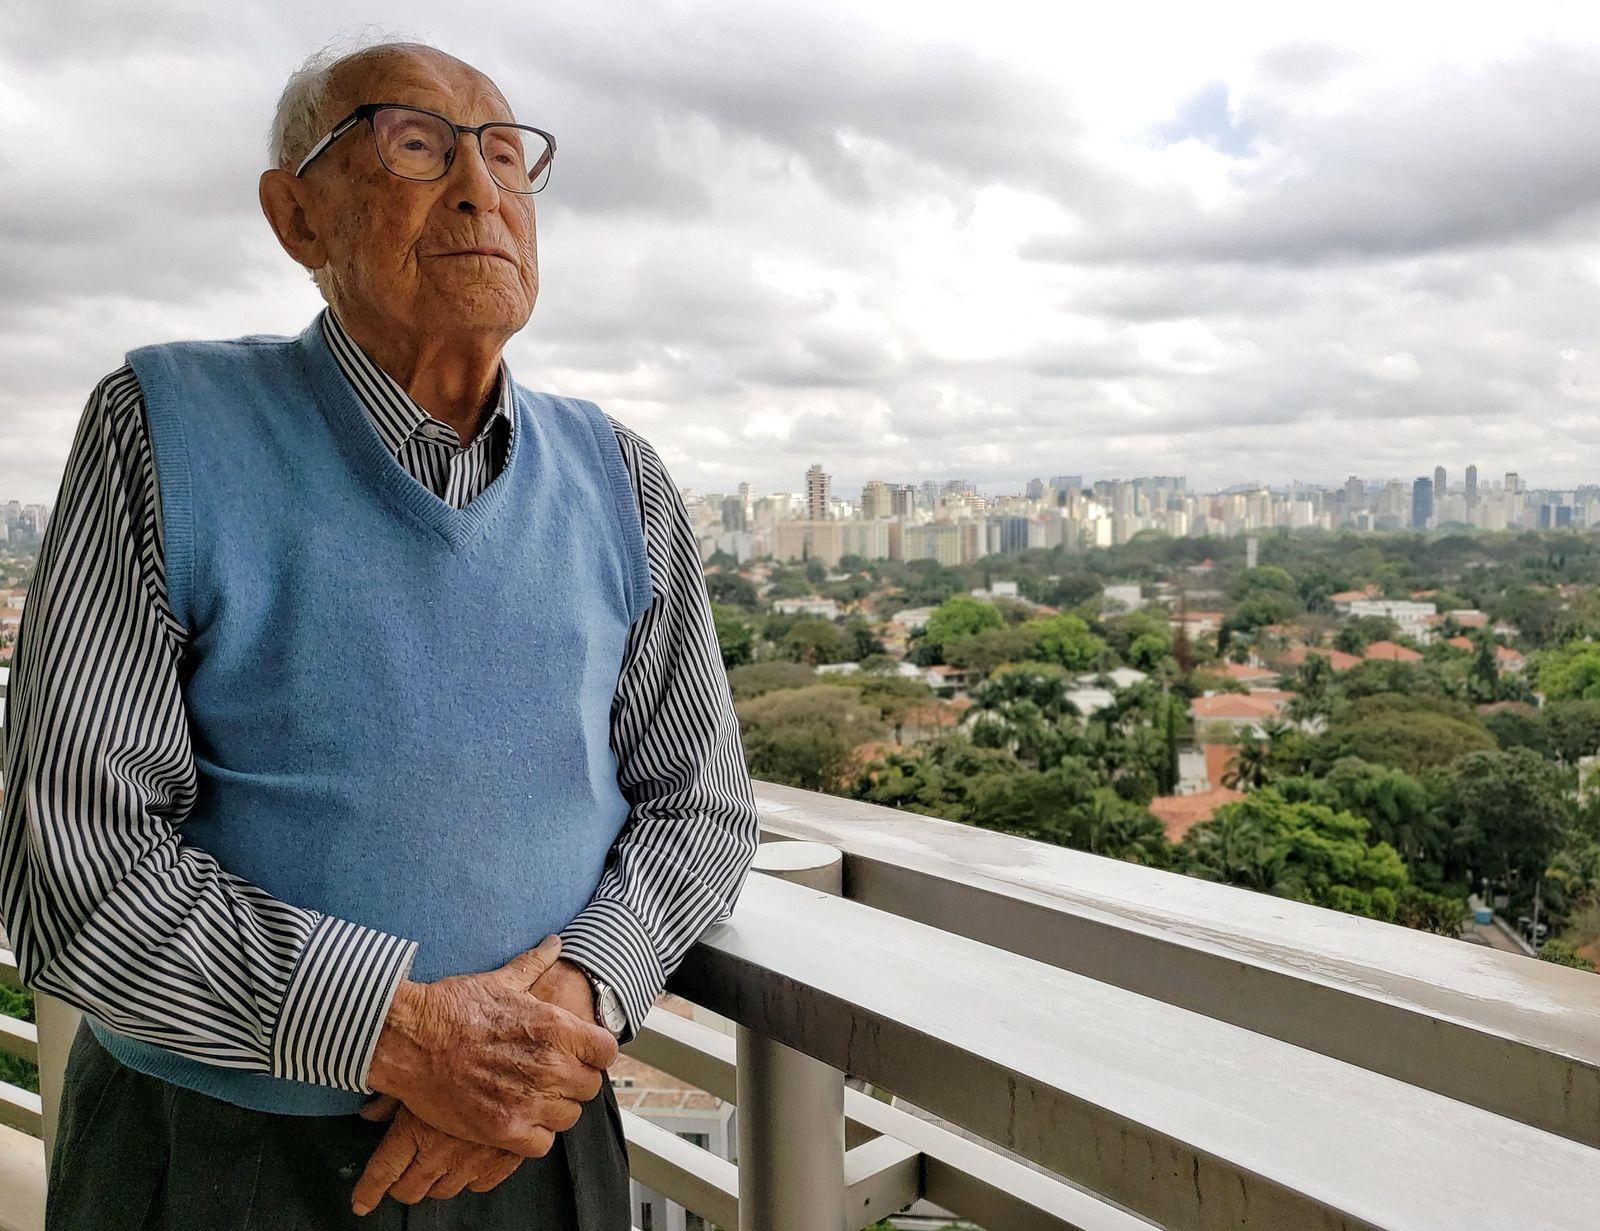 """Aos 96 anos, Kiwa mira a cidade São Paulo da sacada de seu apartamento:  """"O ..."""